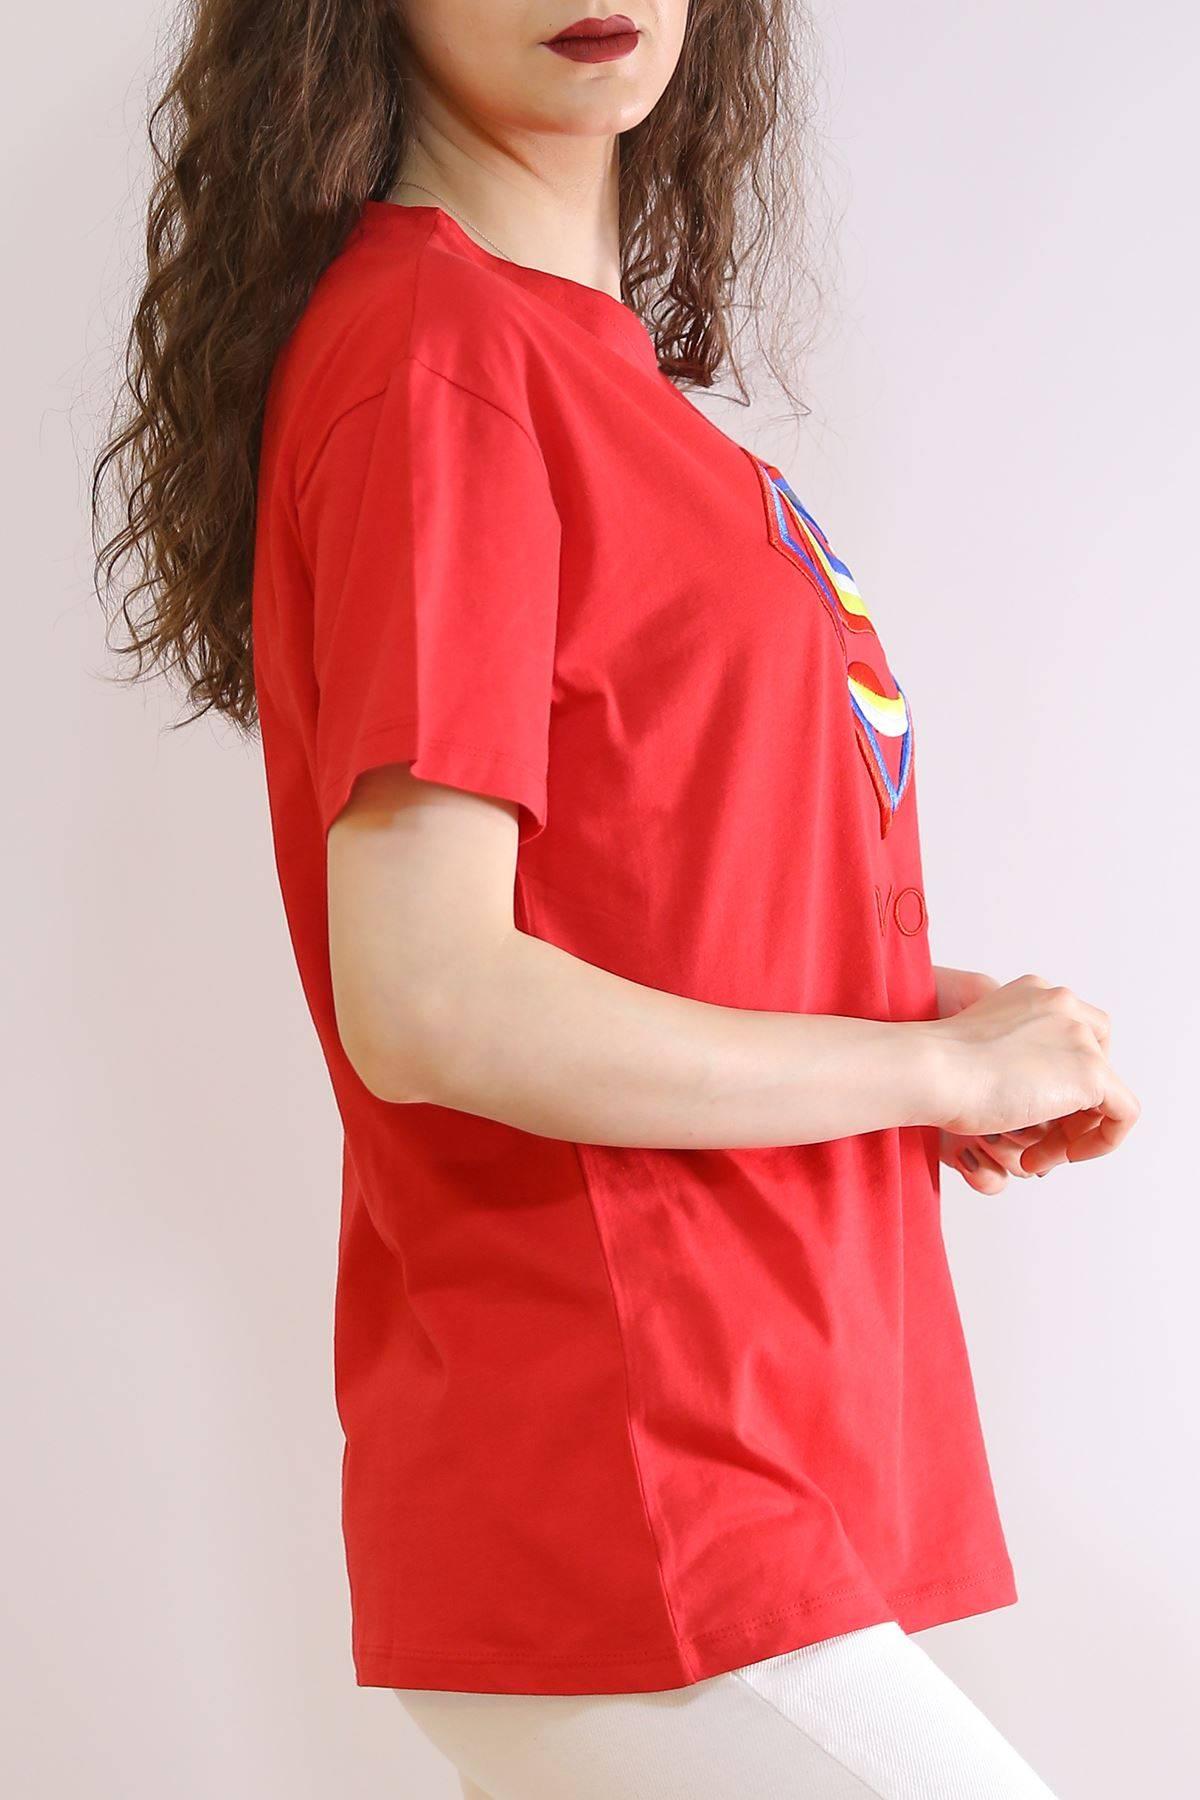 Nakış İşlemeli Tişört Kırmızı - 2975.169.